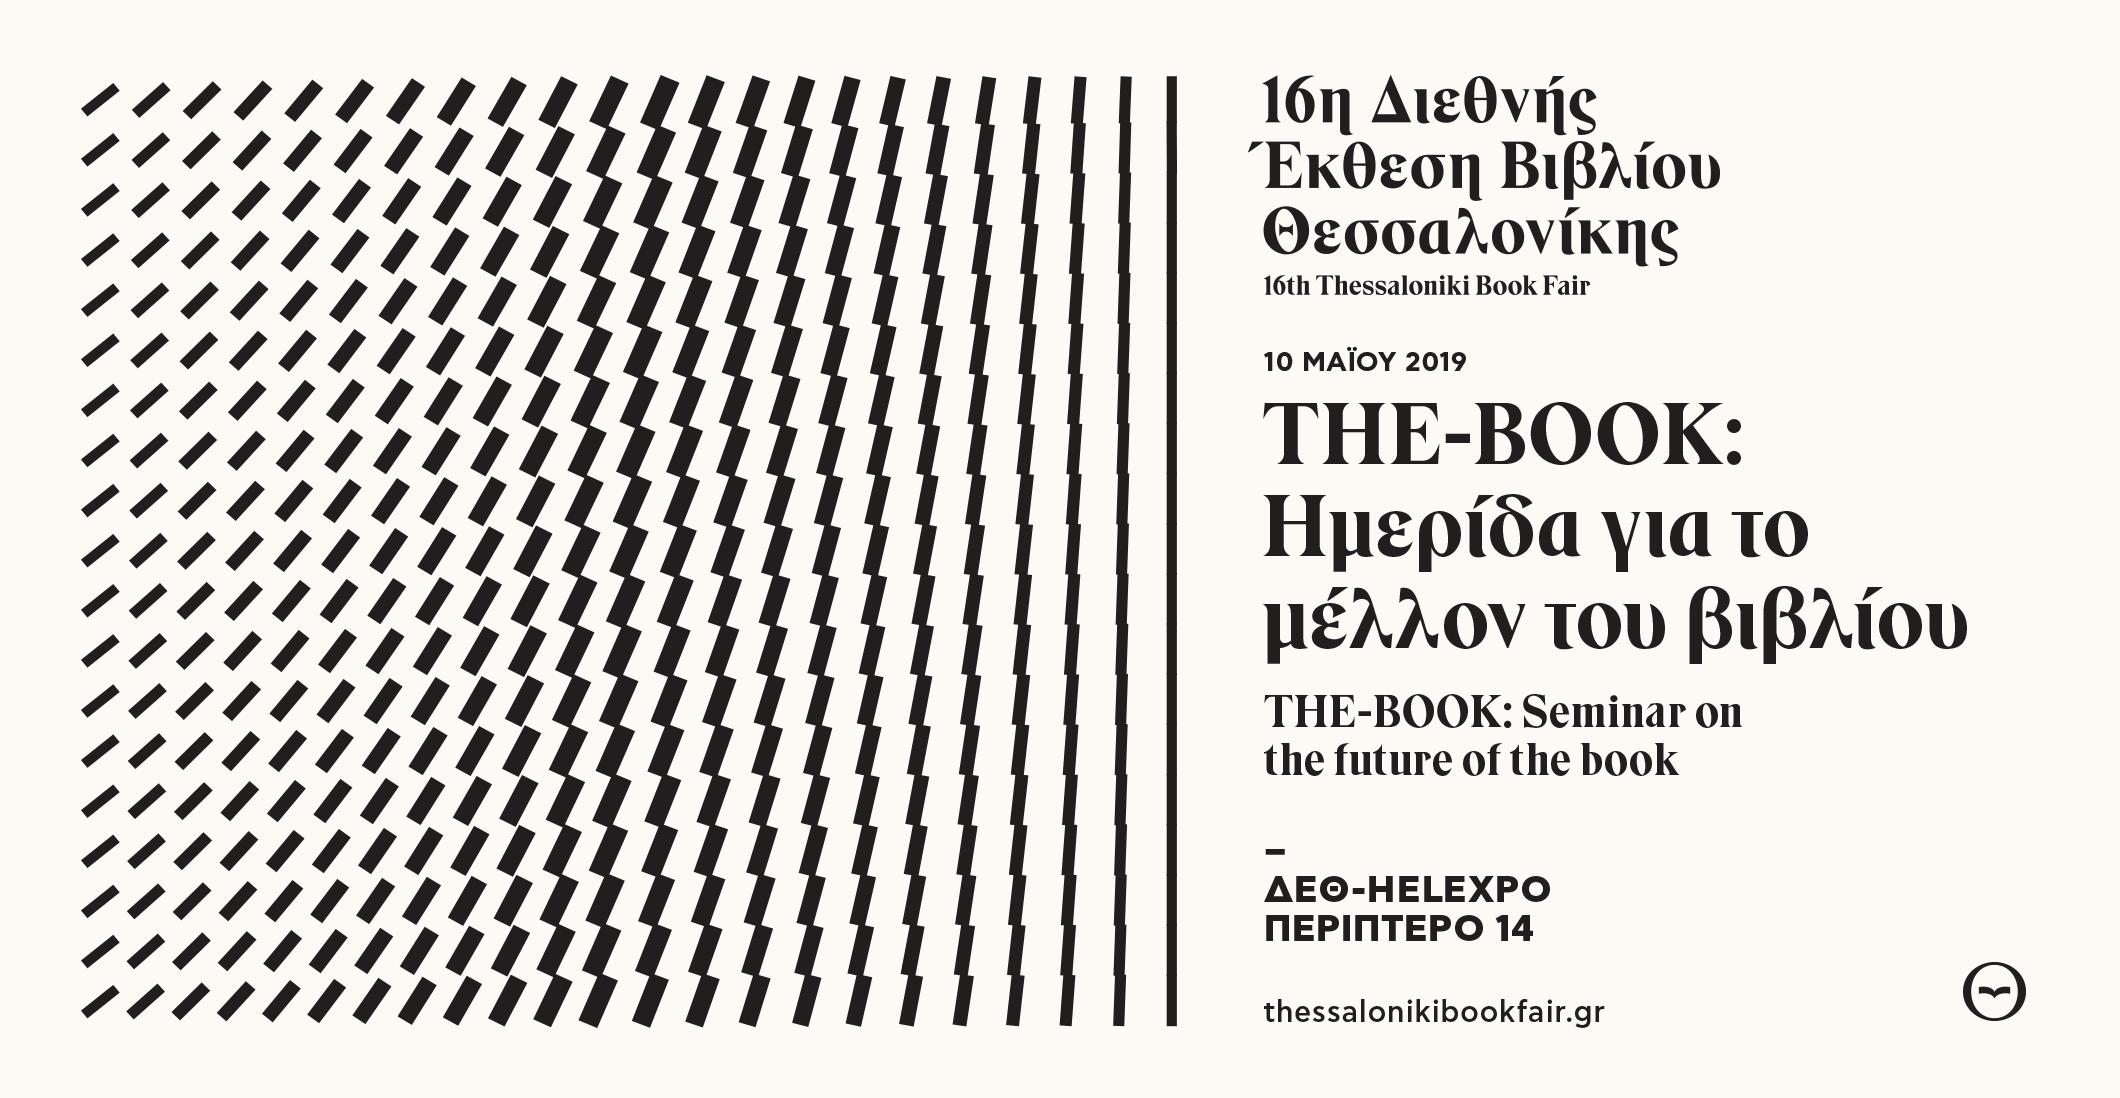 """""""The-Book: Ημερίδα για το μέλλον του βιβλίου"""" στη 16η Διεθνή Έκθεση Βιβλίου Θεσσαλονίκης"""